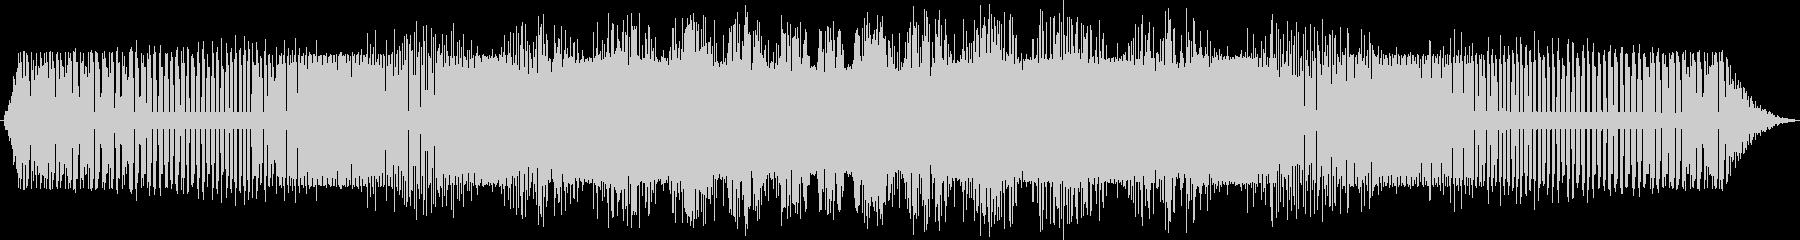 電動スワイプ2の未再生の波形